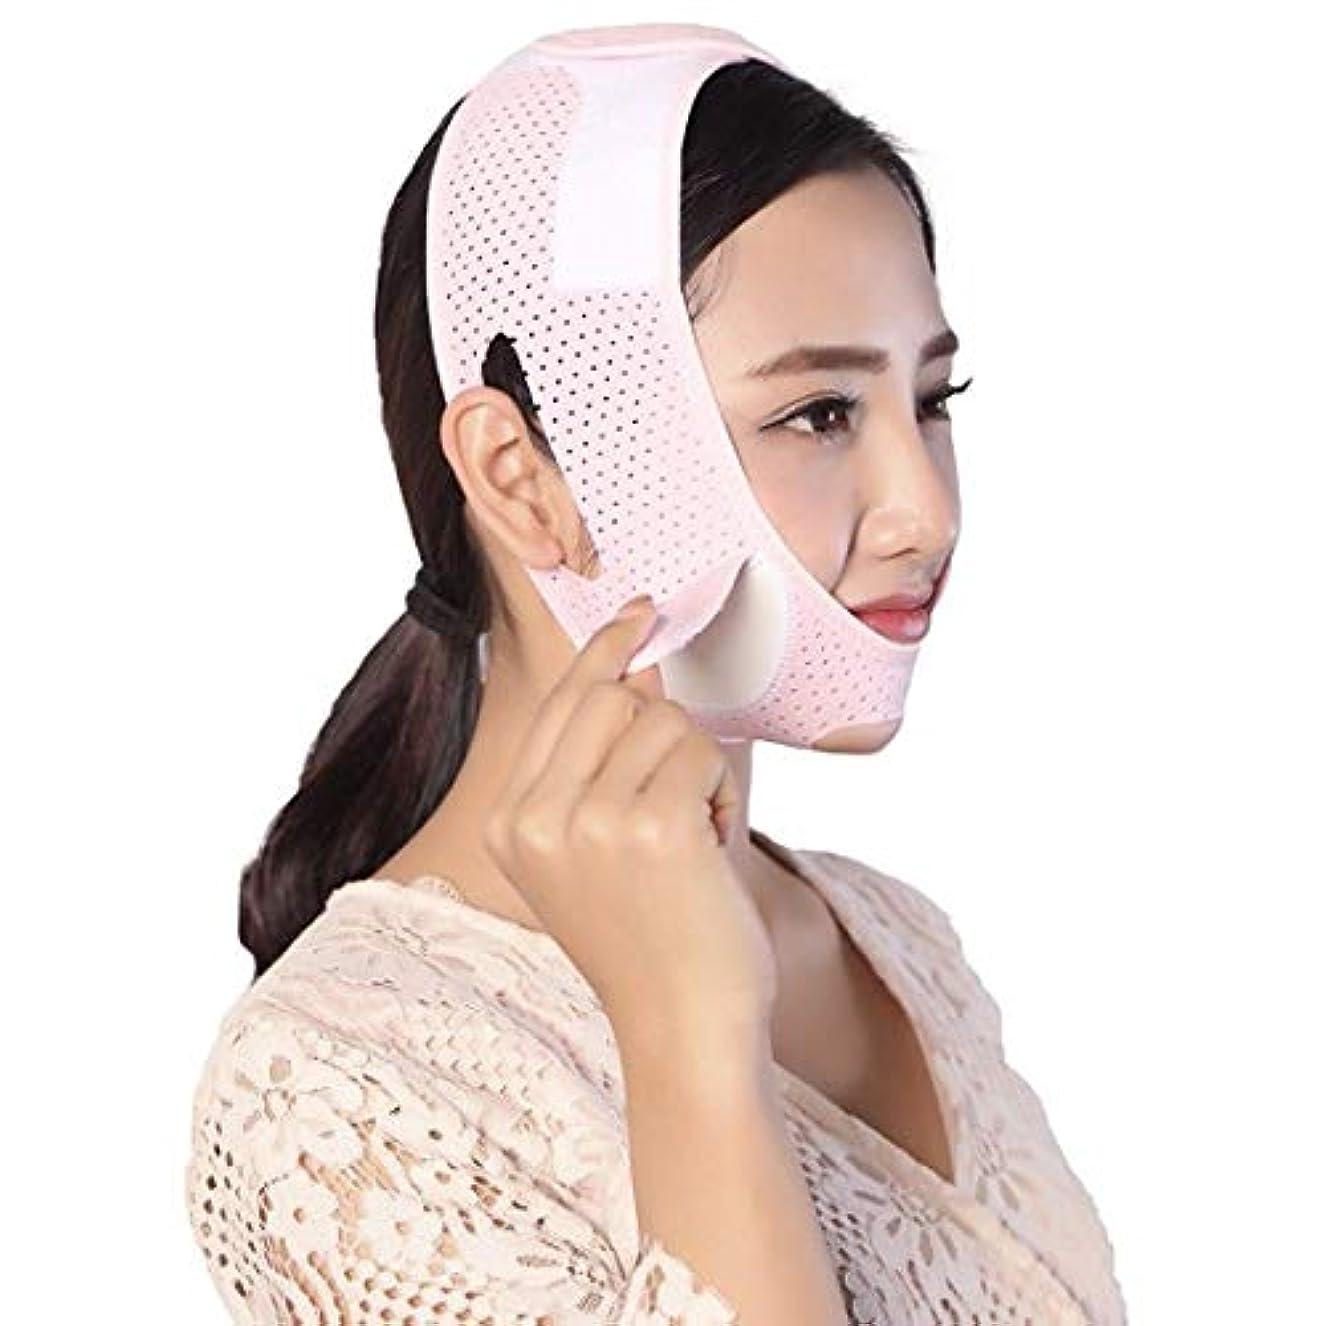 複合換気メイドZWBD フェイスマスク, フェイスリフティングベルトリフティングVフェイスライン包帯フェイシャル引き締め二重あごの法則睡眠マスク通気性